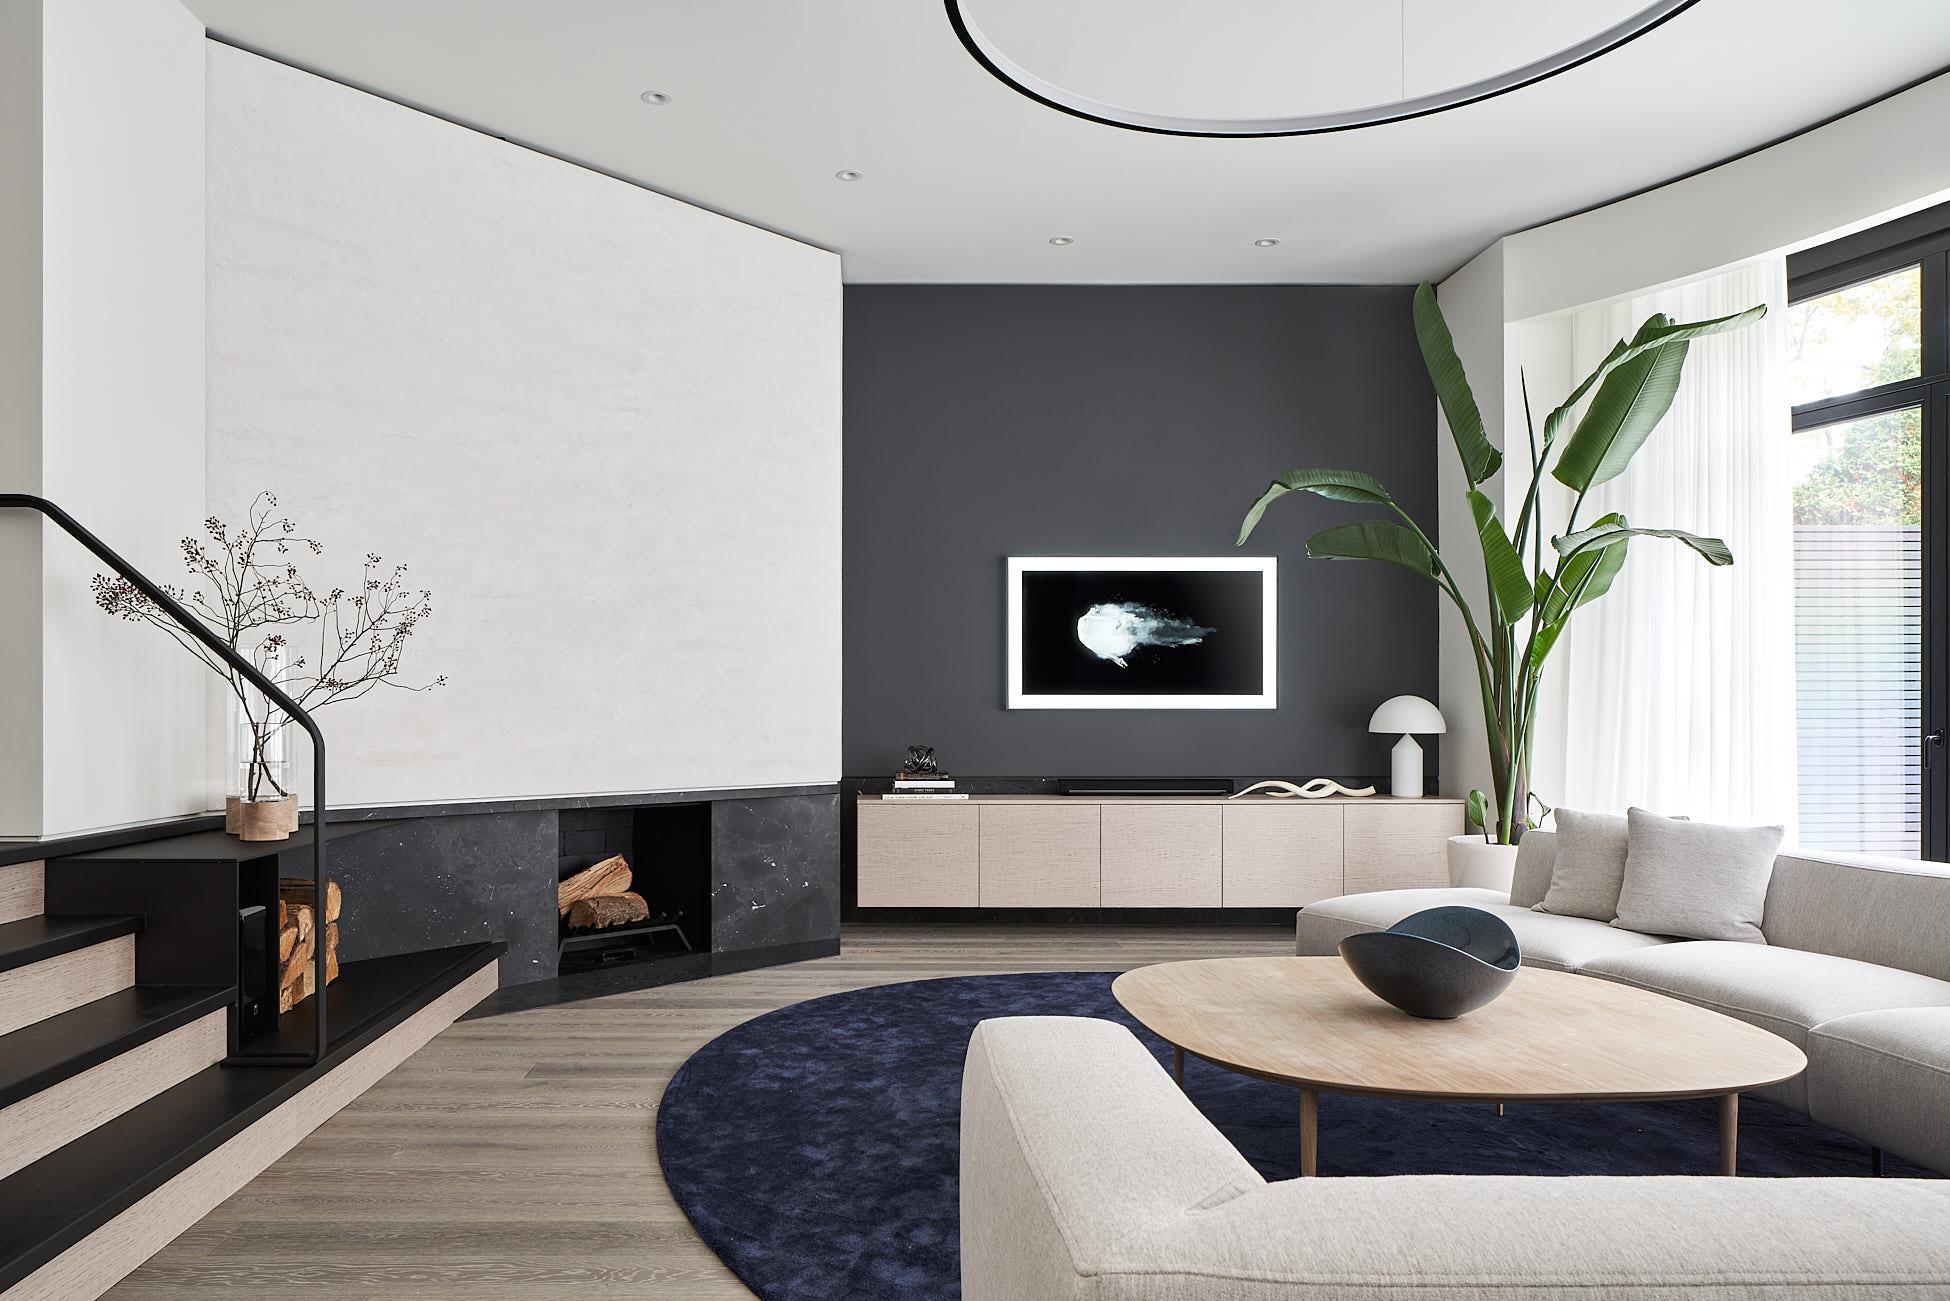 240-Reigo Bauer Amantea Forest Hill Residence.jpg